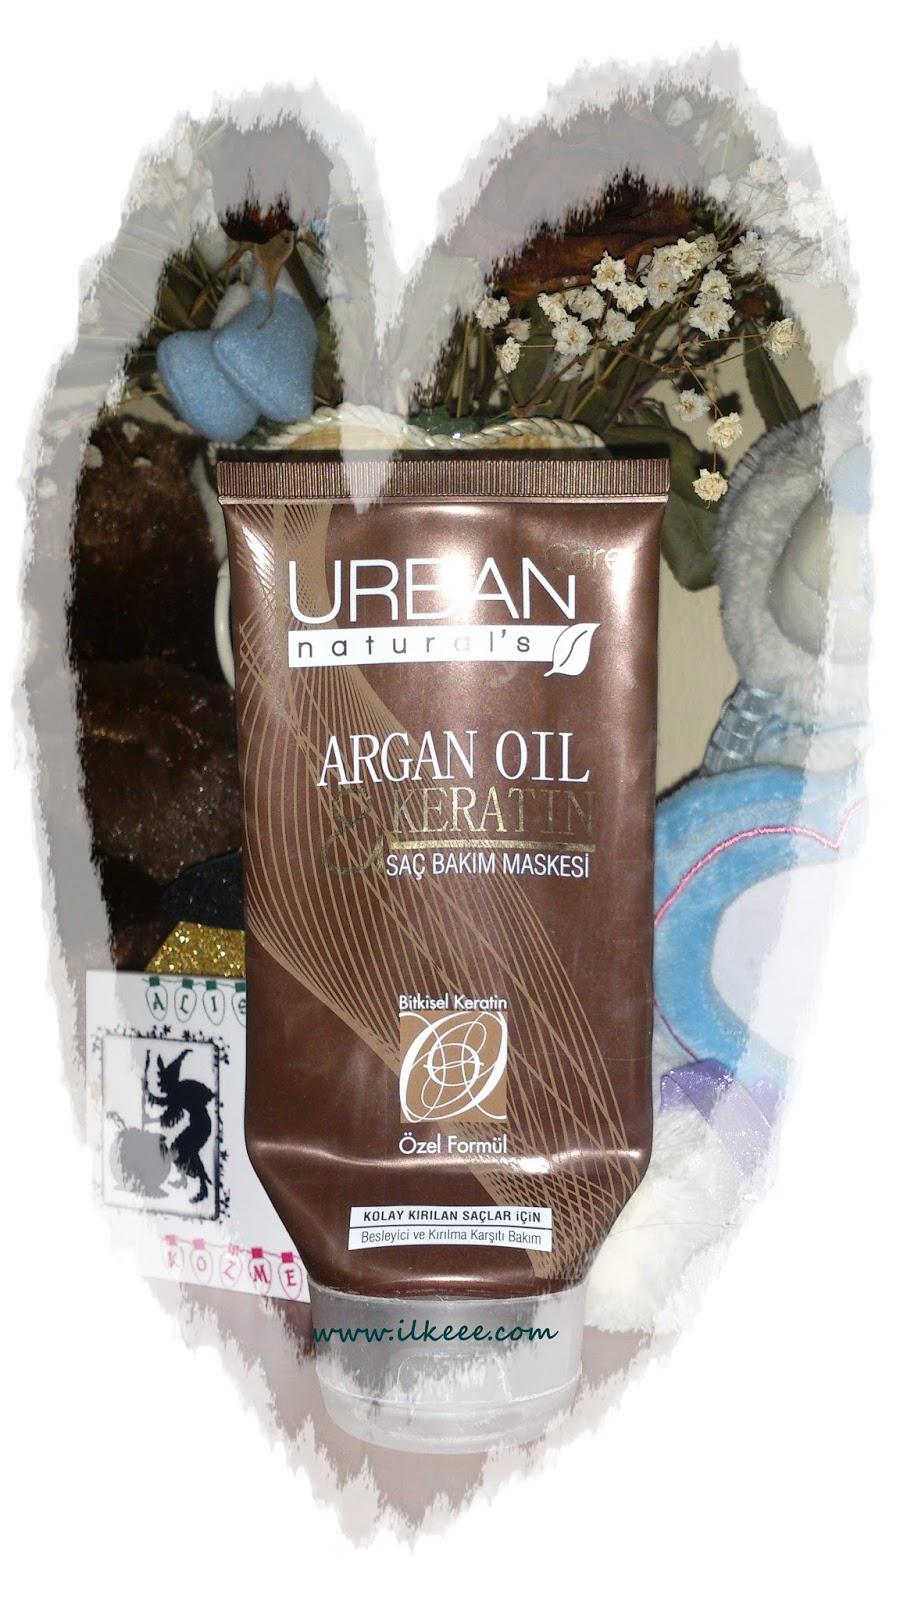 Argan oil&Keratin - Bitkisel Keratin - Parabensiz Saç bakımı - Urban Naturals - Urban Naturals Argan Serisi - Urban Naturals Argan Saç Maskesi